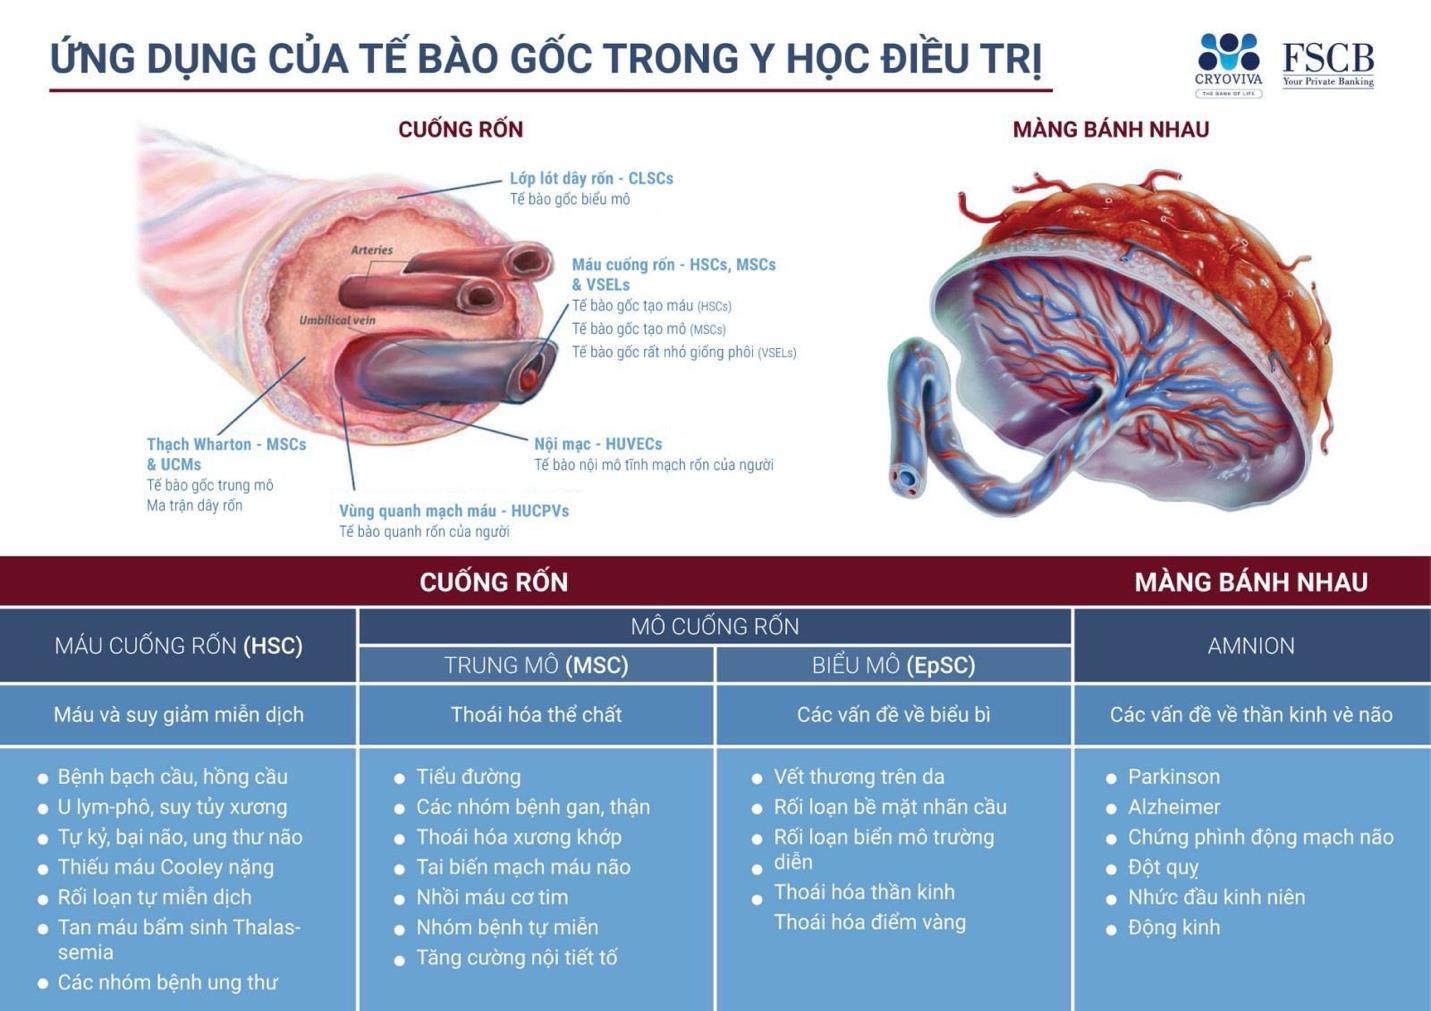 """Năm 2020 khó khăn, sao Việt vẫn mạnh tay chi khủng để lưu trữ tế bào gốc cho """"chuột vàng"""" của mình - Ảnh 1."""